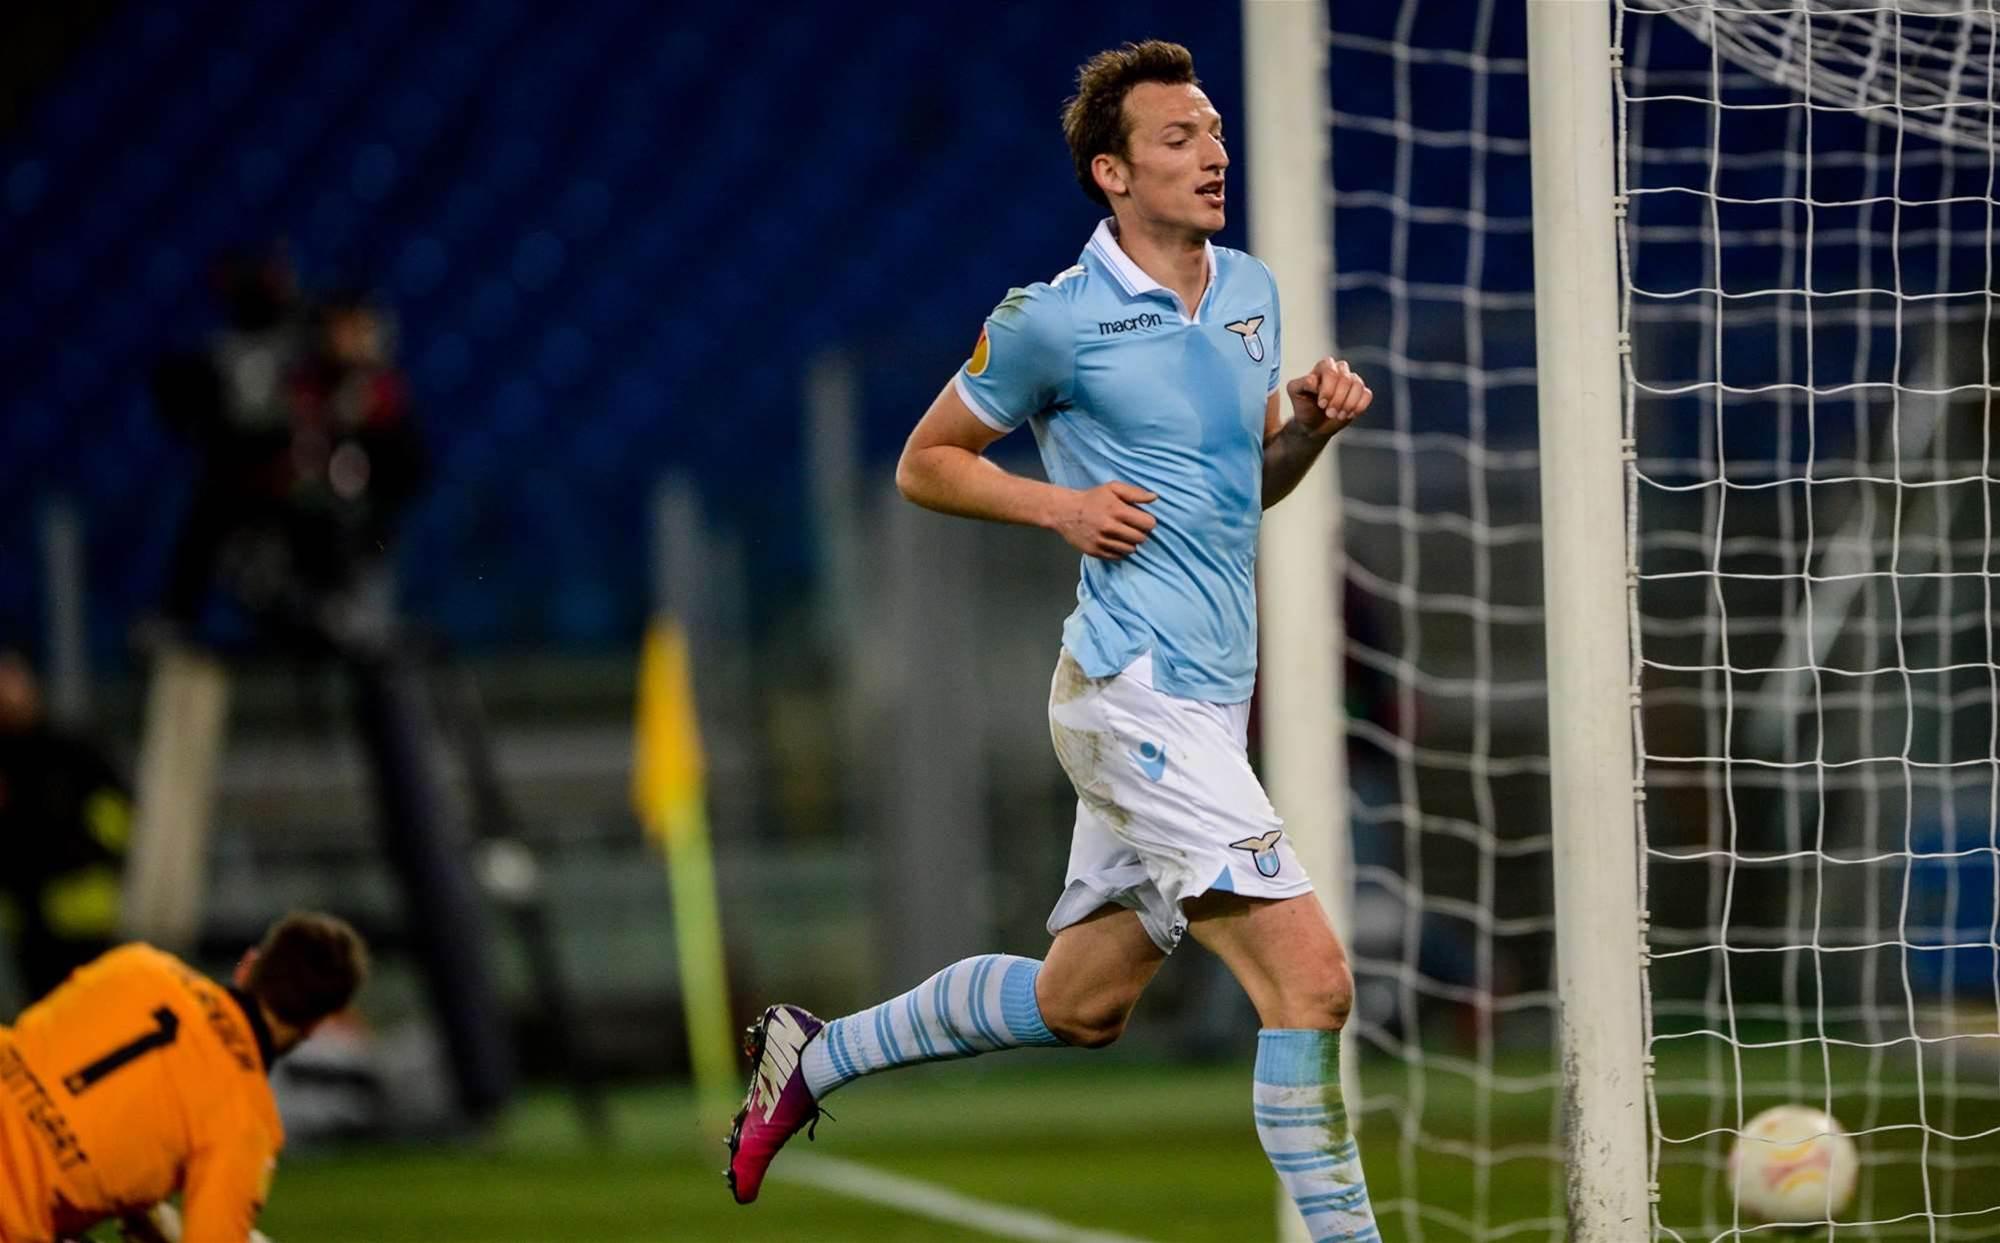 Aston Villa sign Lazio striker Kozak